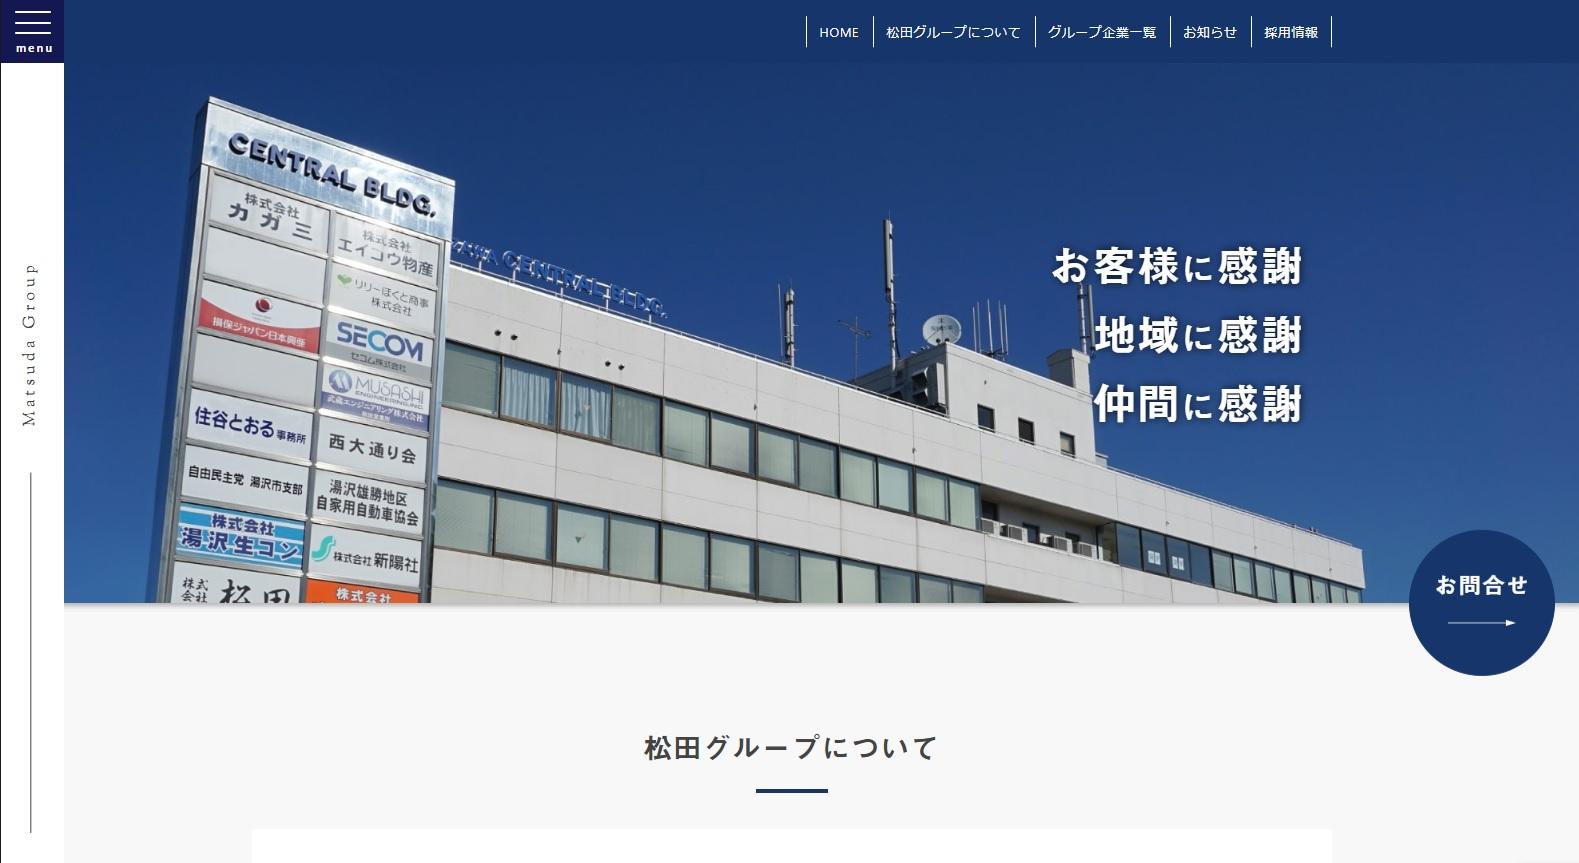 松田様のサイトイメージ